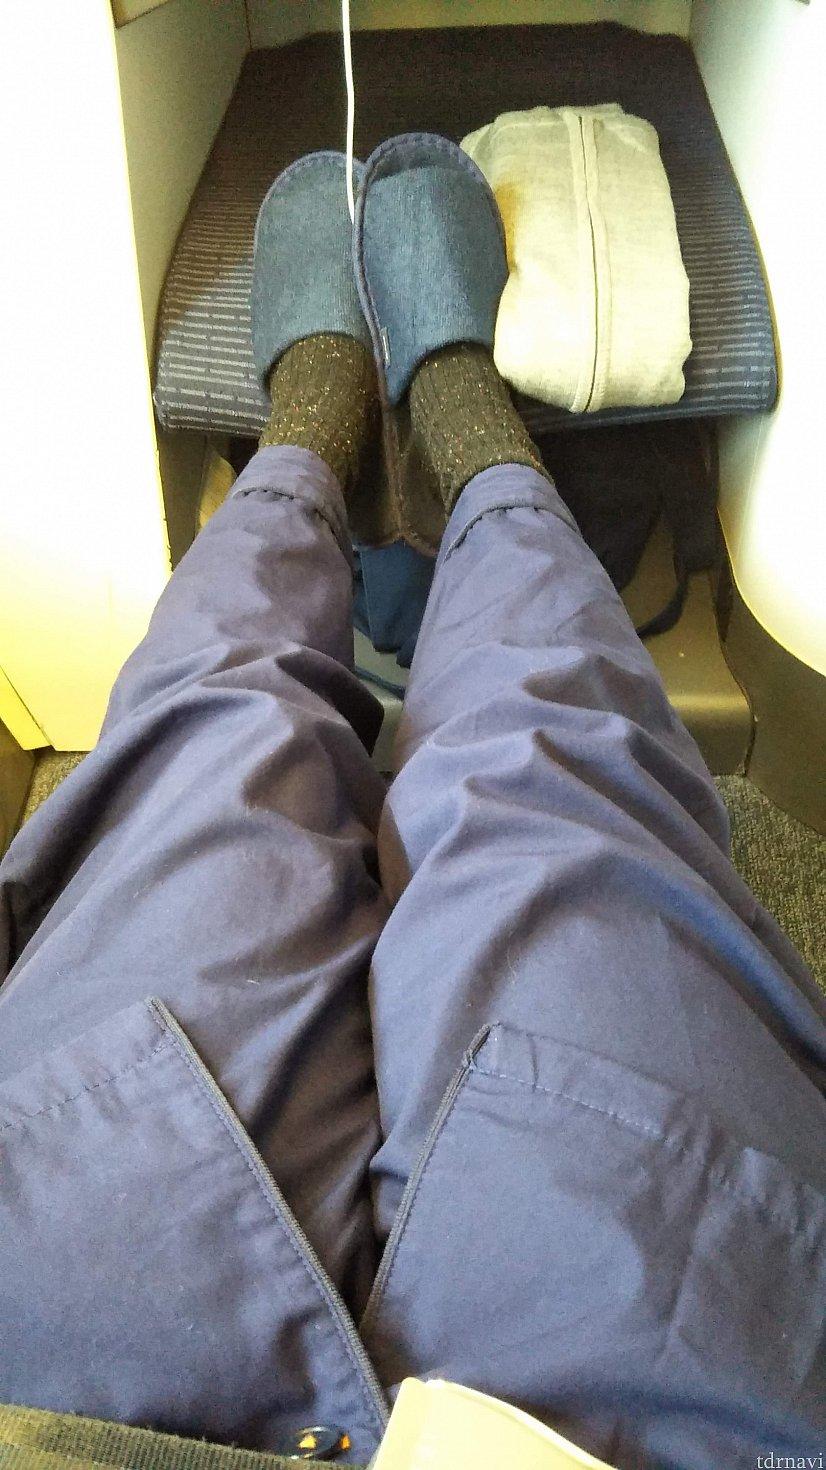 足元の広さはこんな感じ。 スリッパもあります。このスリッパ、家にいっぱいある・・・。 何気に旅行中にも使えるし、持って帰って家で使ってしまっている。超便利アイテム!